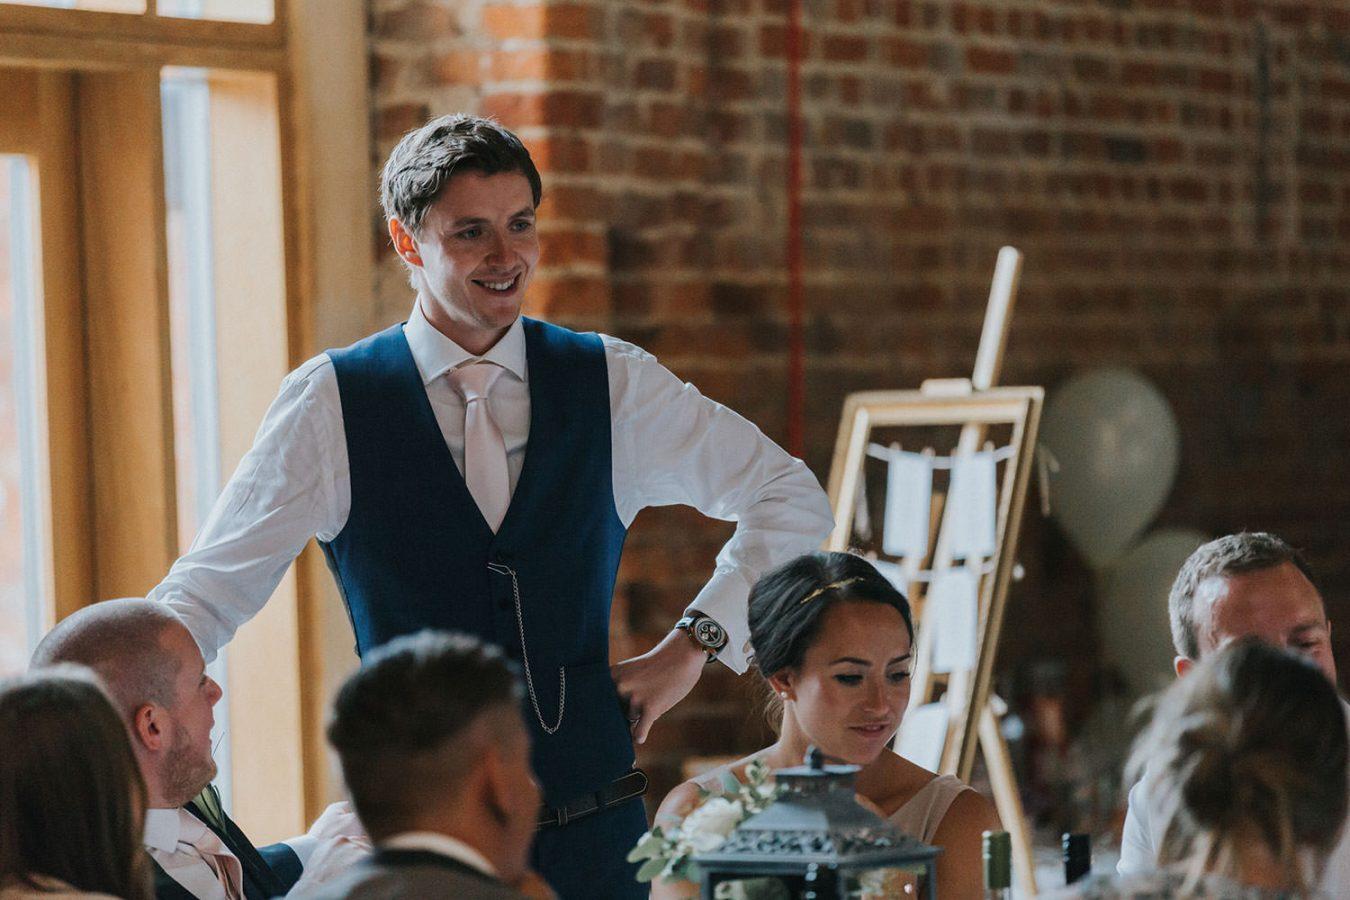 copdock-hall-wedding-photography-045